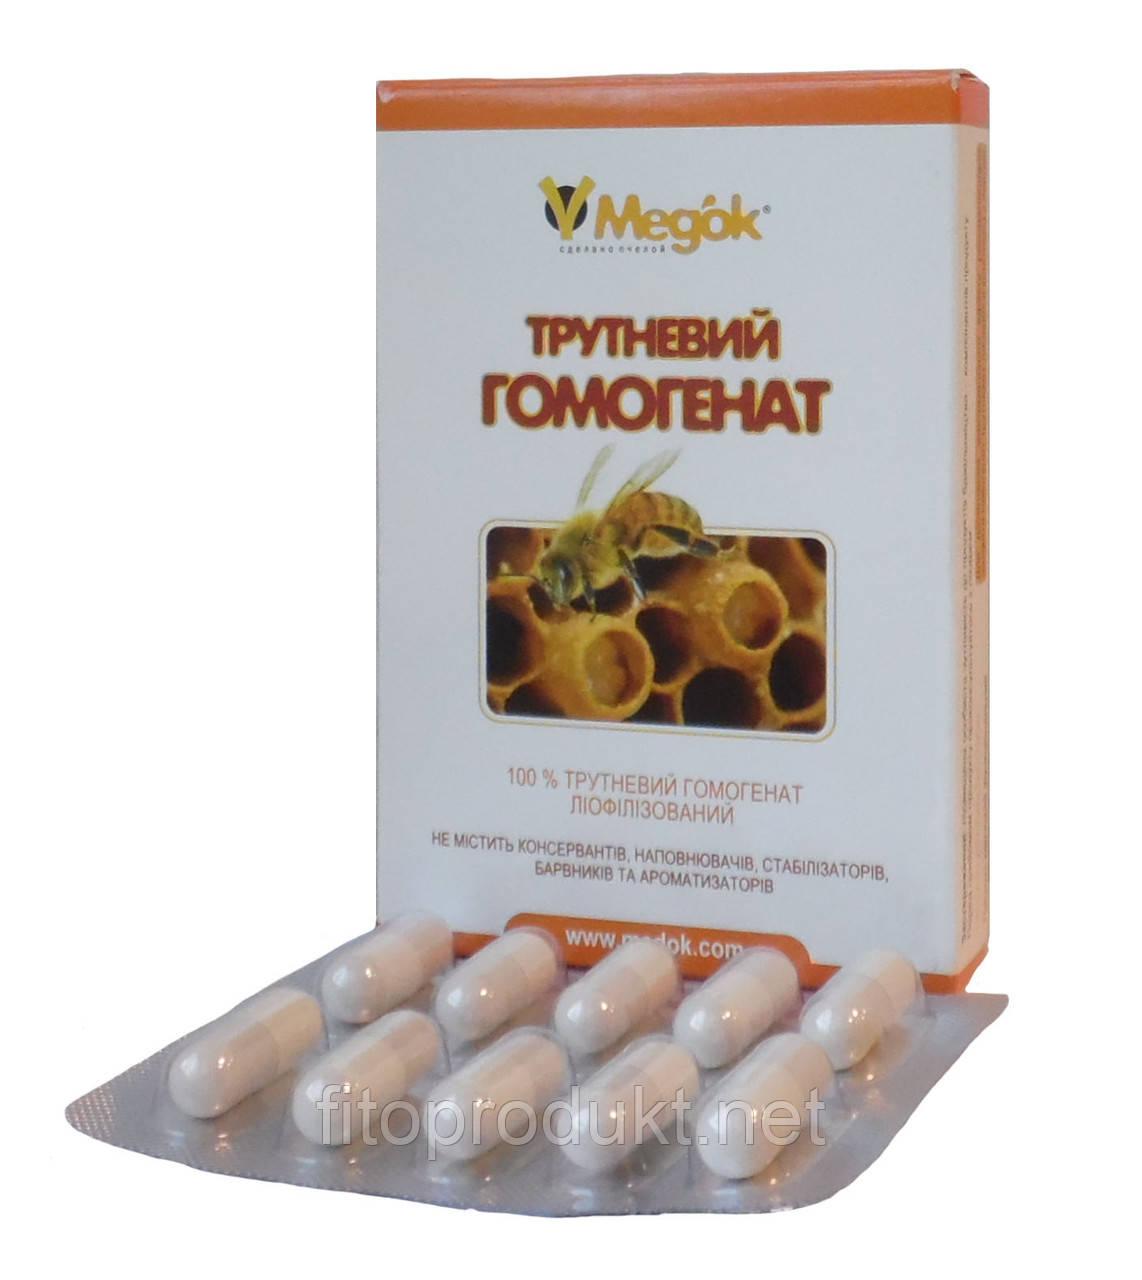 Трутневый гомогенат или трутневое молочко лиофилизованный 10 капсул Медок